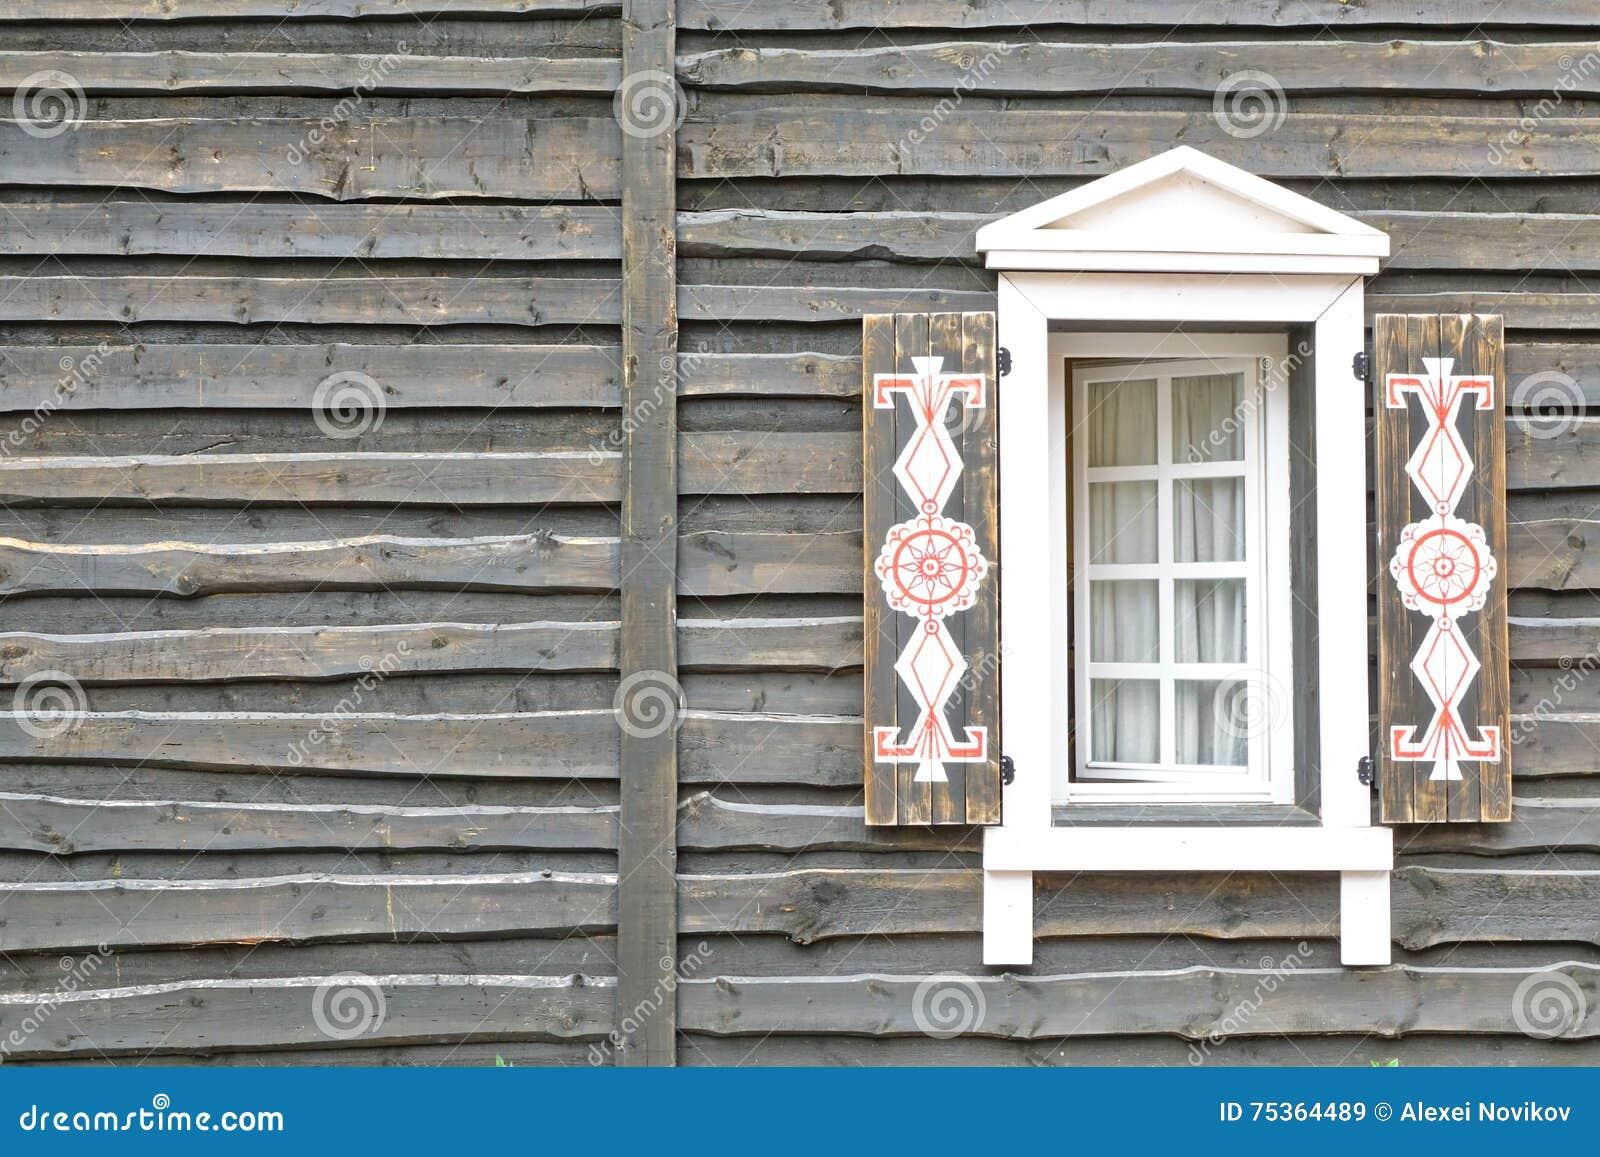 Pared de madera de la casa en estilo r stico moderno del - Casas estilo rustico moderno ...